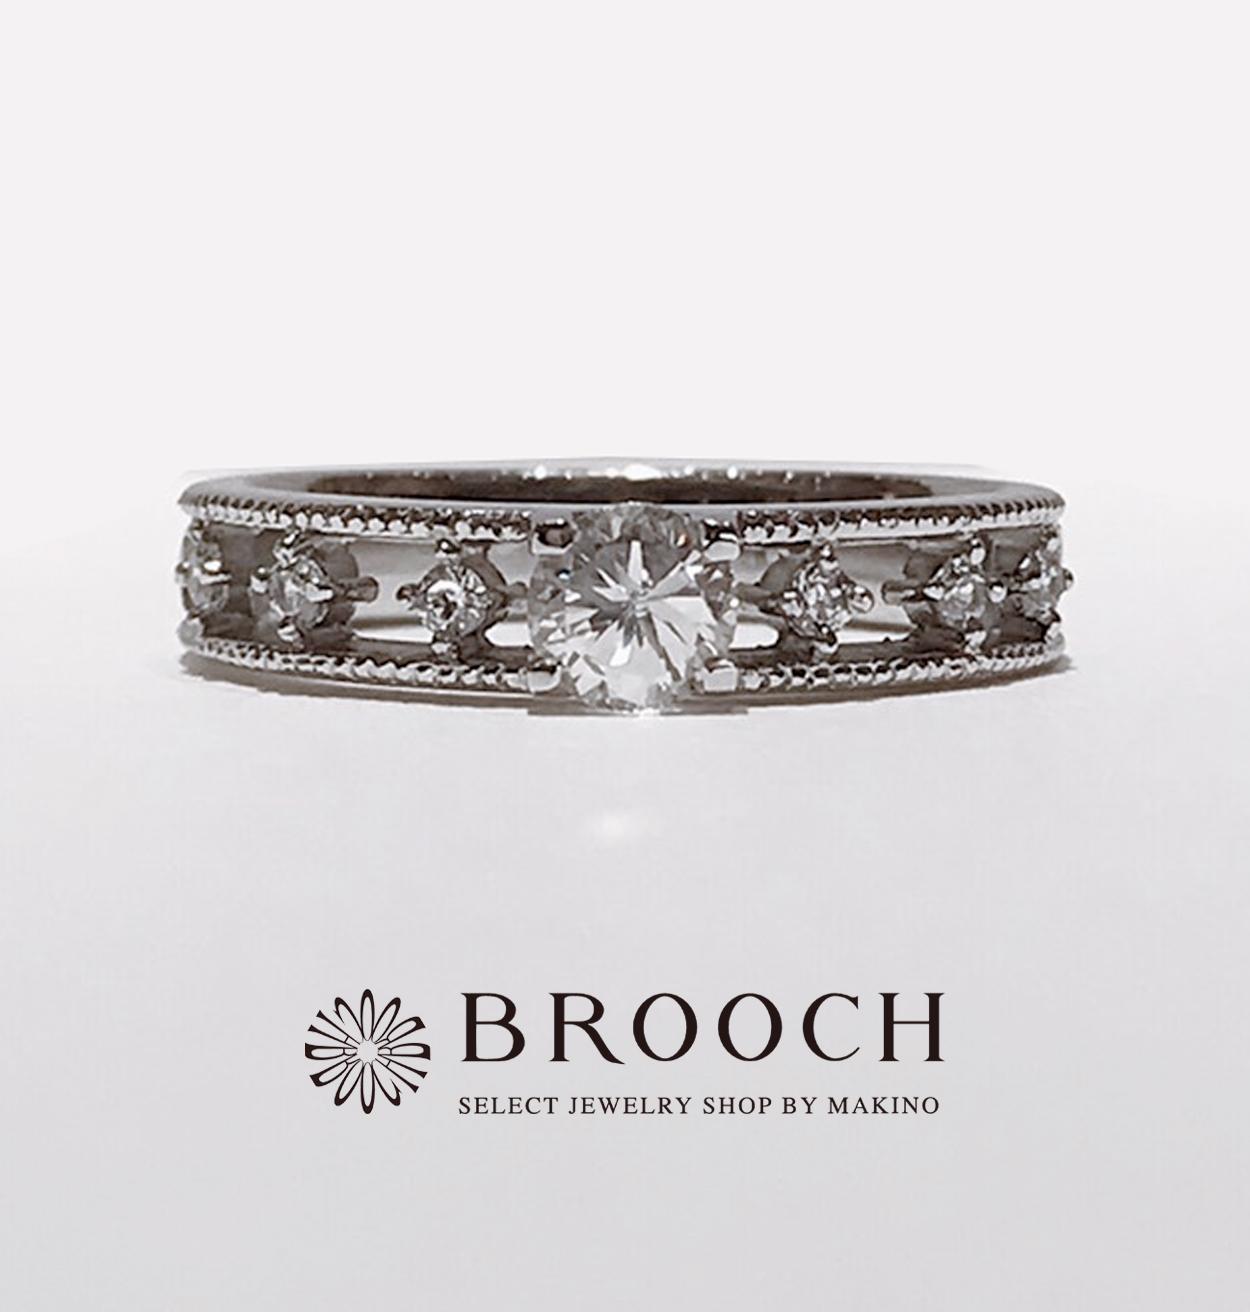 BROOCH 婚約指輪 エンゲージリング 透かしデザイン